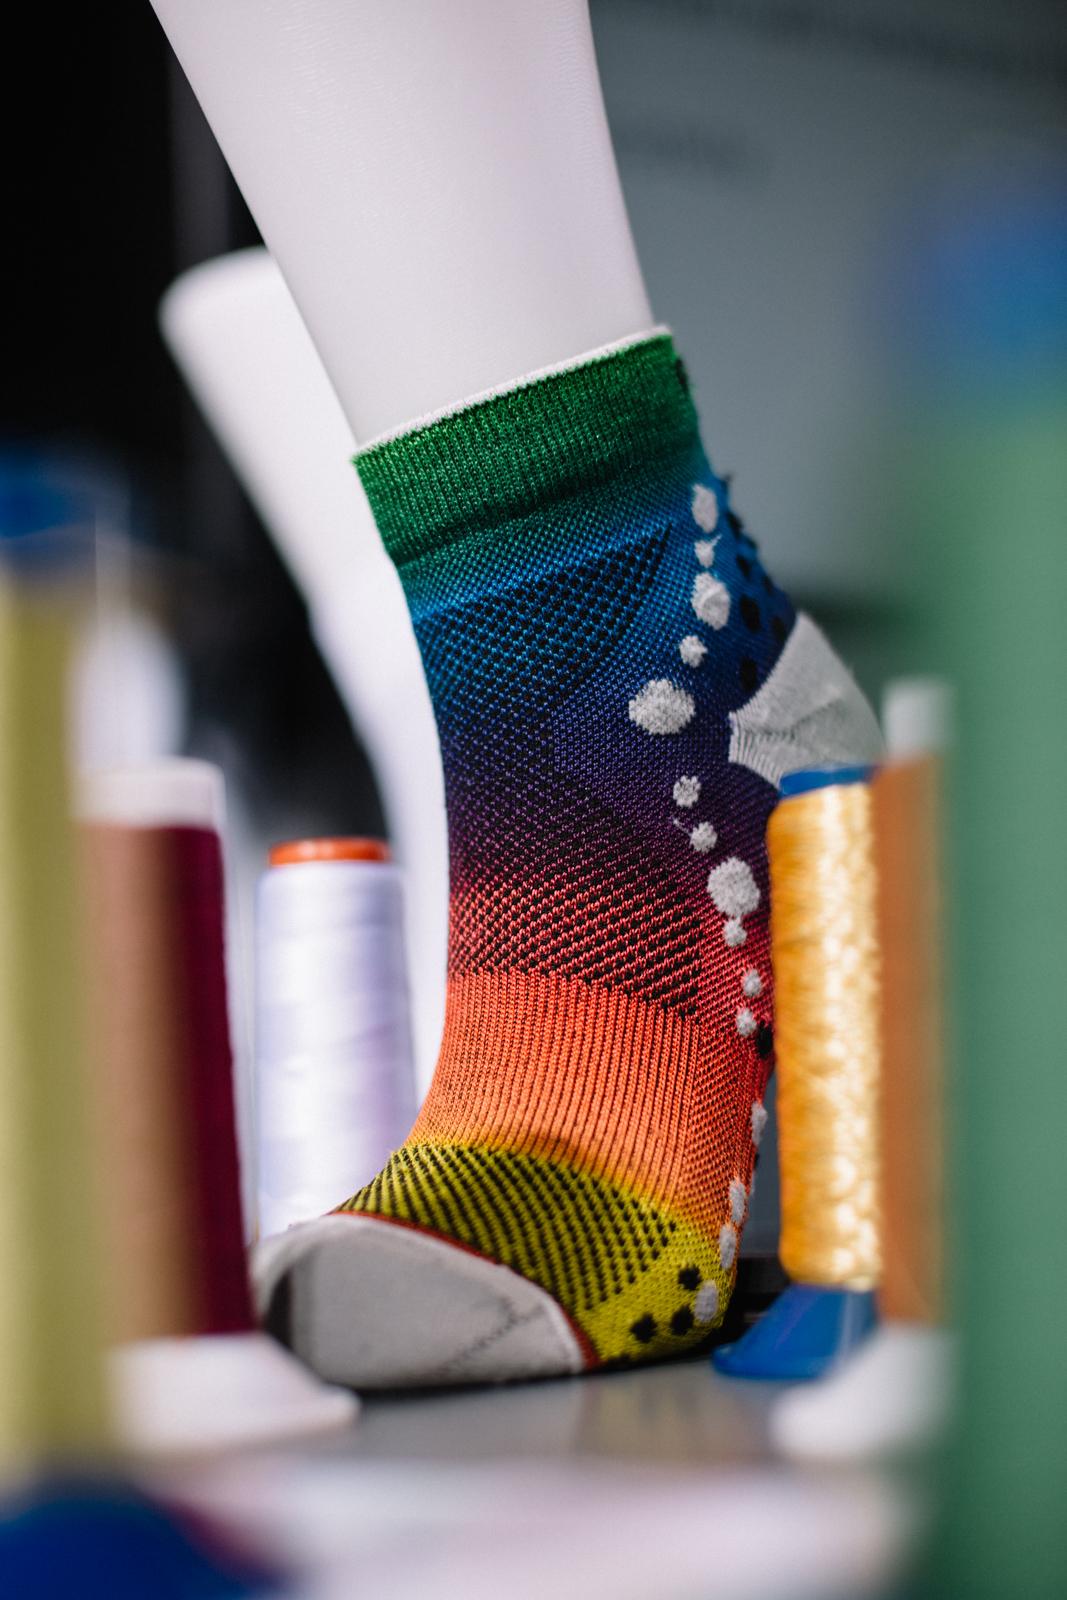 digital-thread-dyeing-technology.jpg